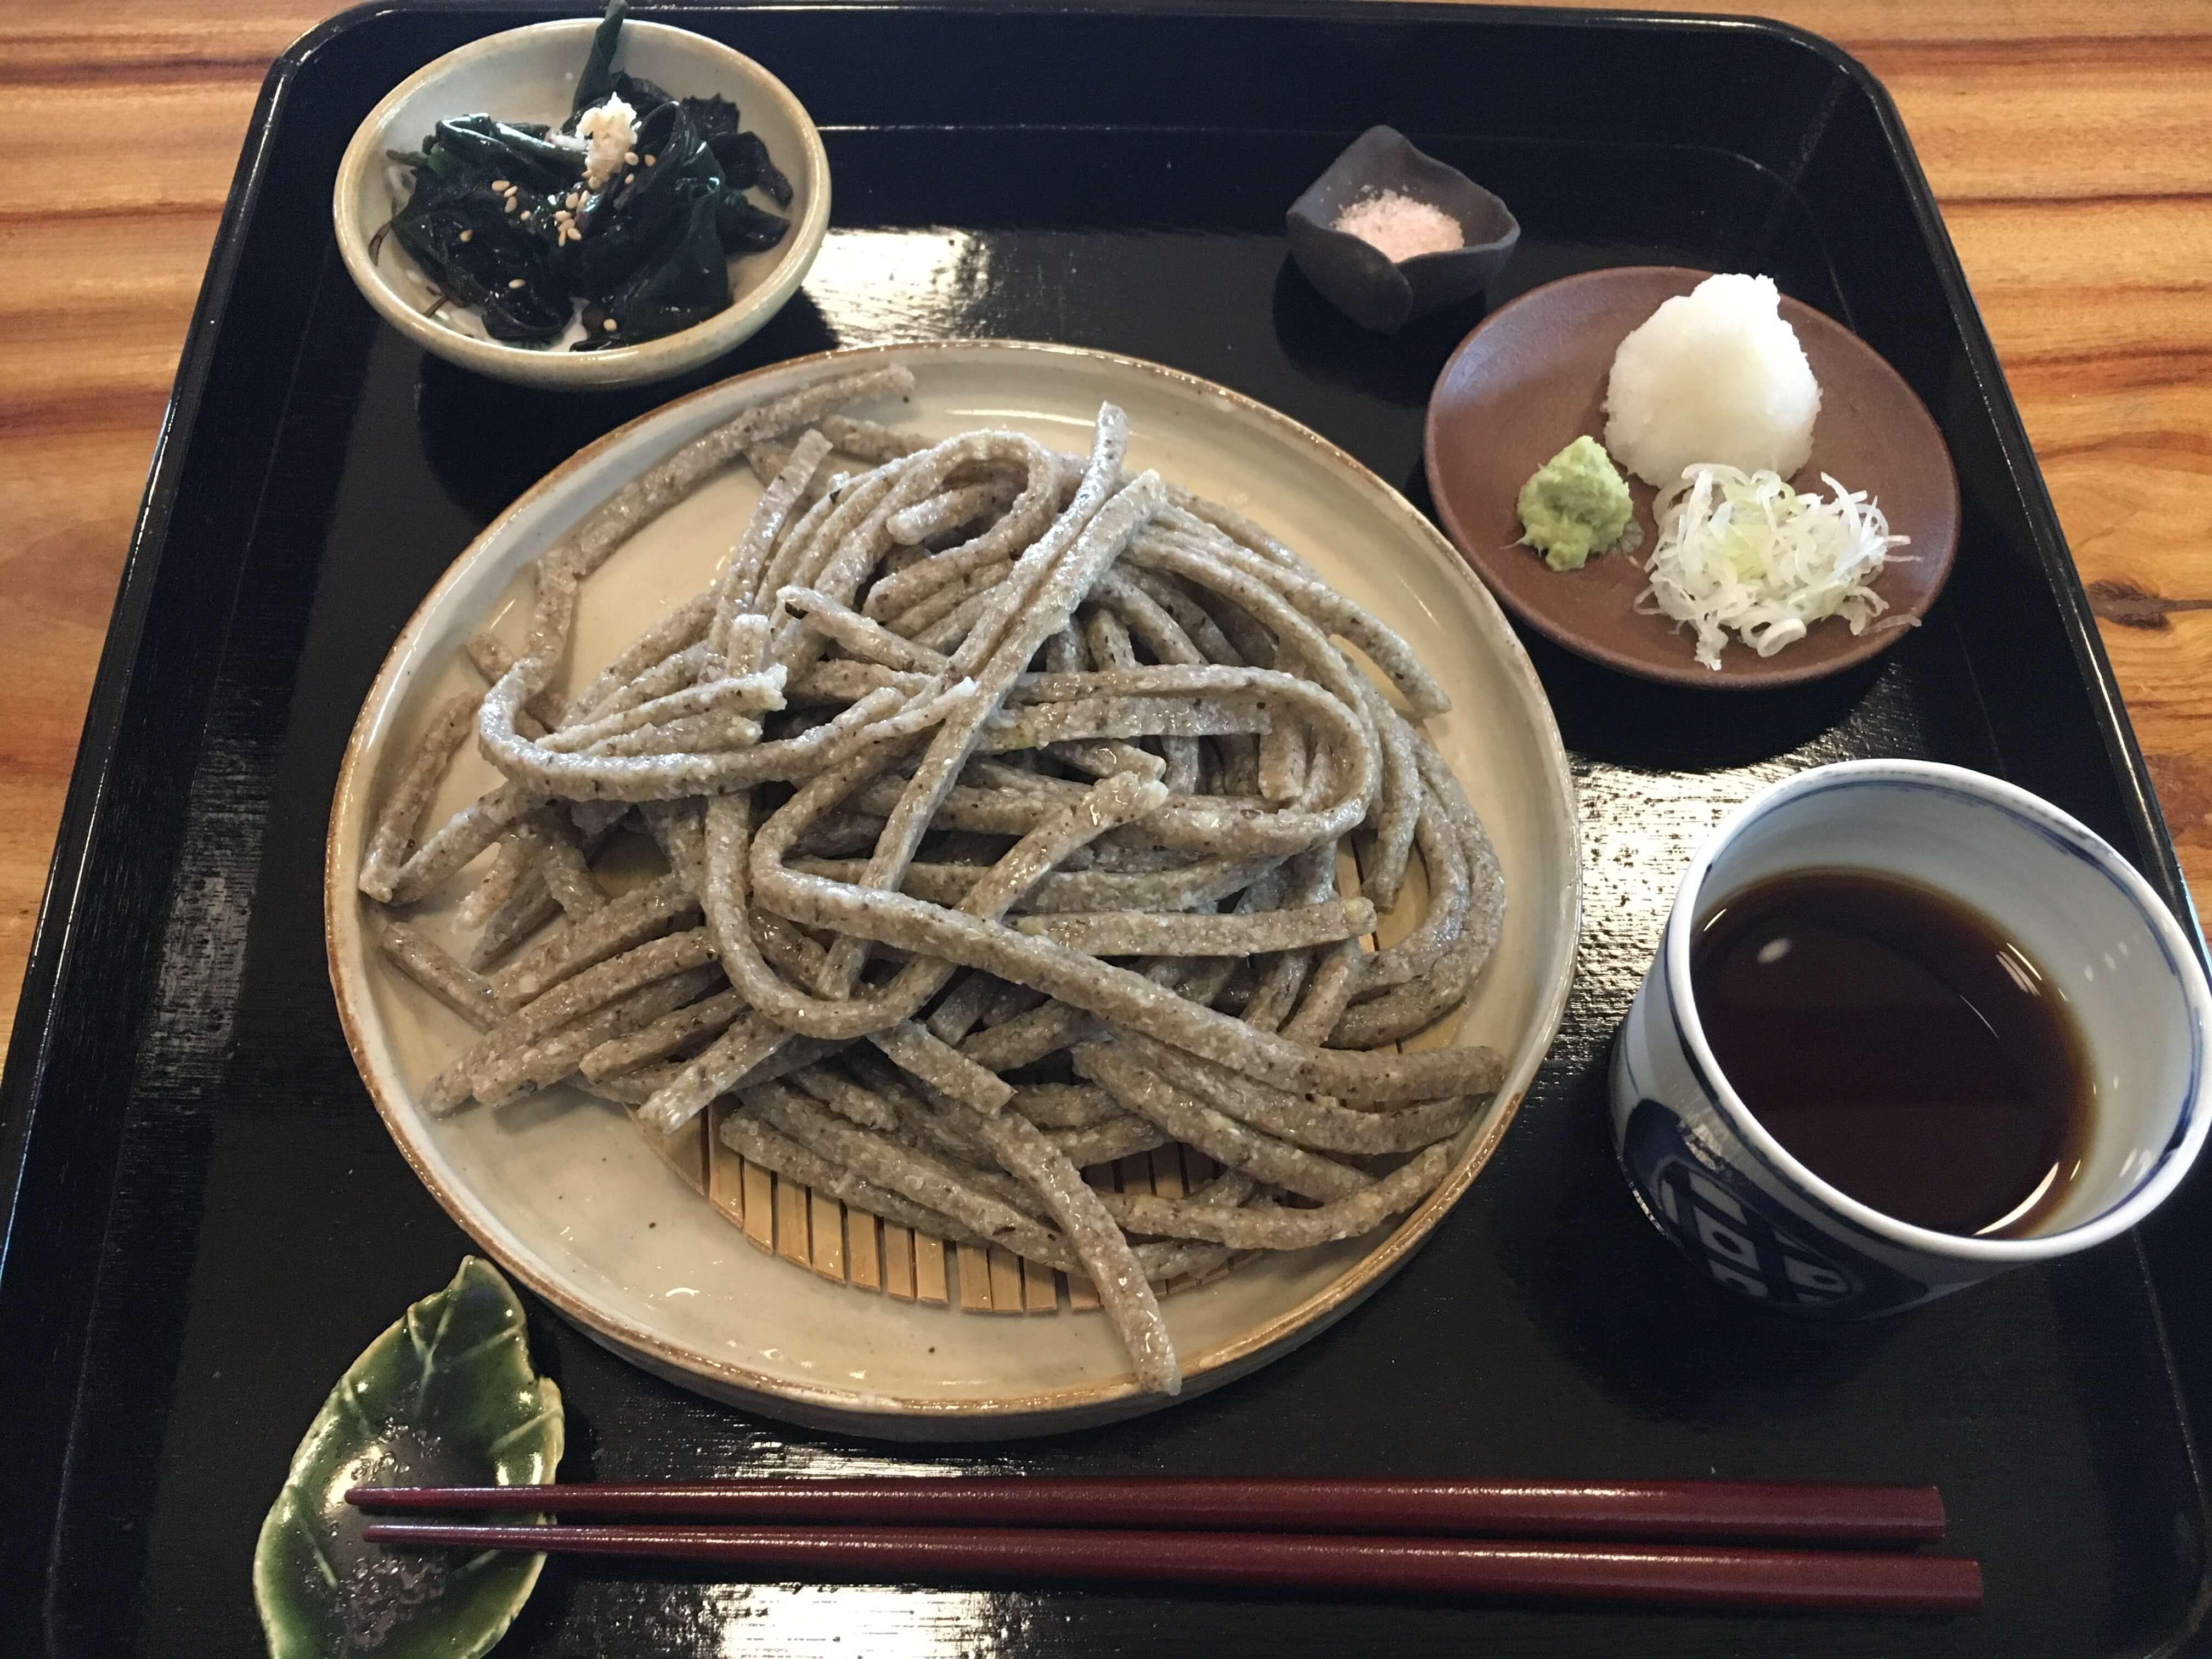 『 そば処 くらみつ 』で素晴らしい粗挽き極太蕎麦を堪能 !!